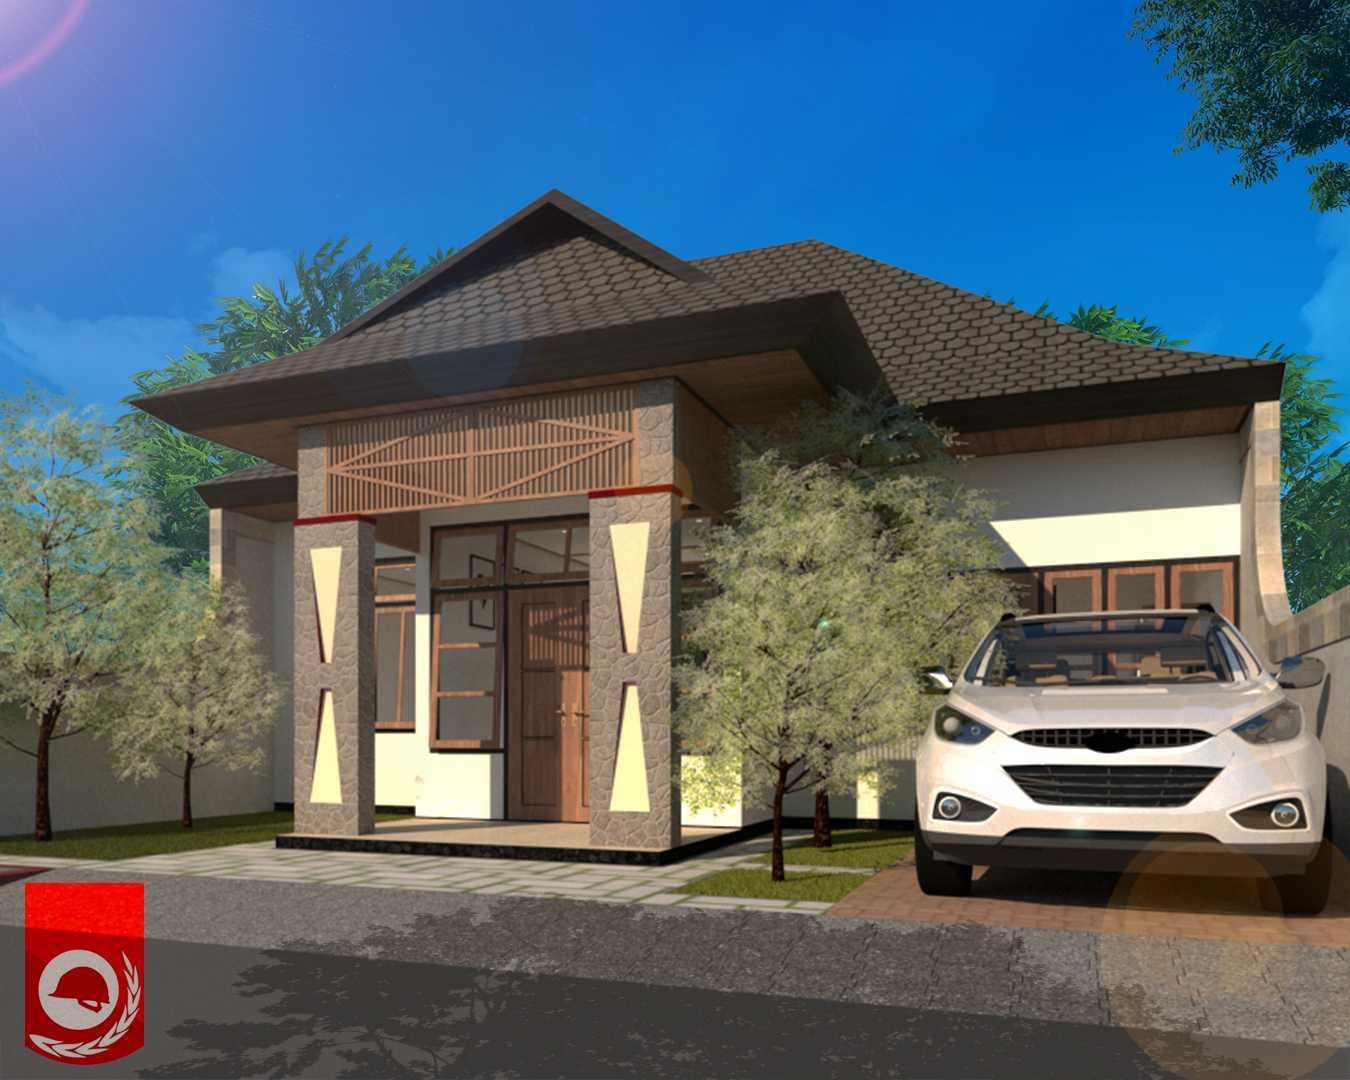 Inti Pembangunan Nusantara Rumah Satu Lantai 10 X 15 M2 Kota Denpasar, Bali, Indonesia Kota Denpasar, Bali, Indonesia Inti-Pembangunan-Nusantara-Rumah-Satu-Lantai  66129